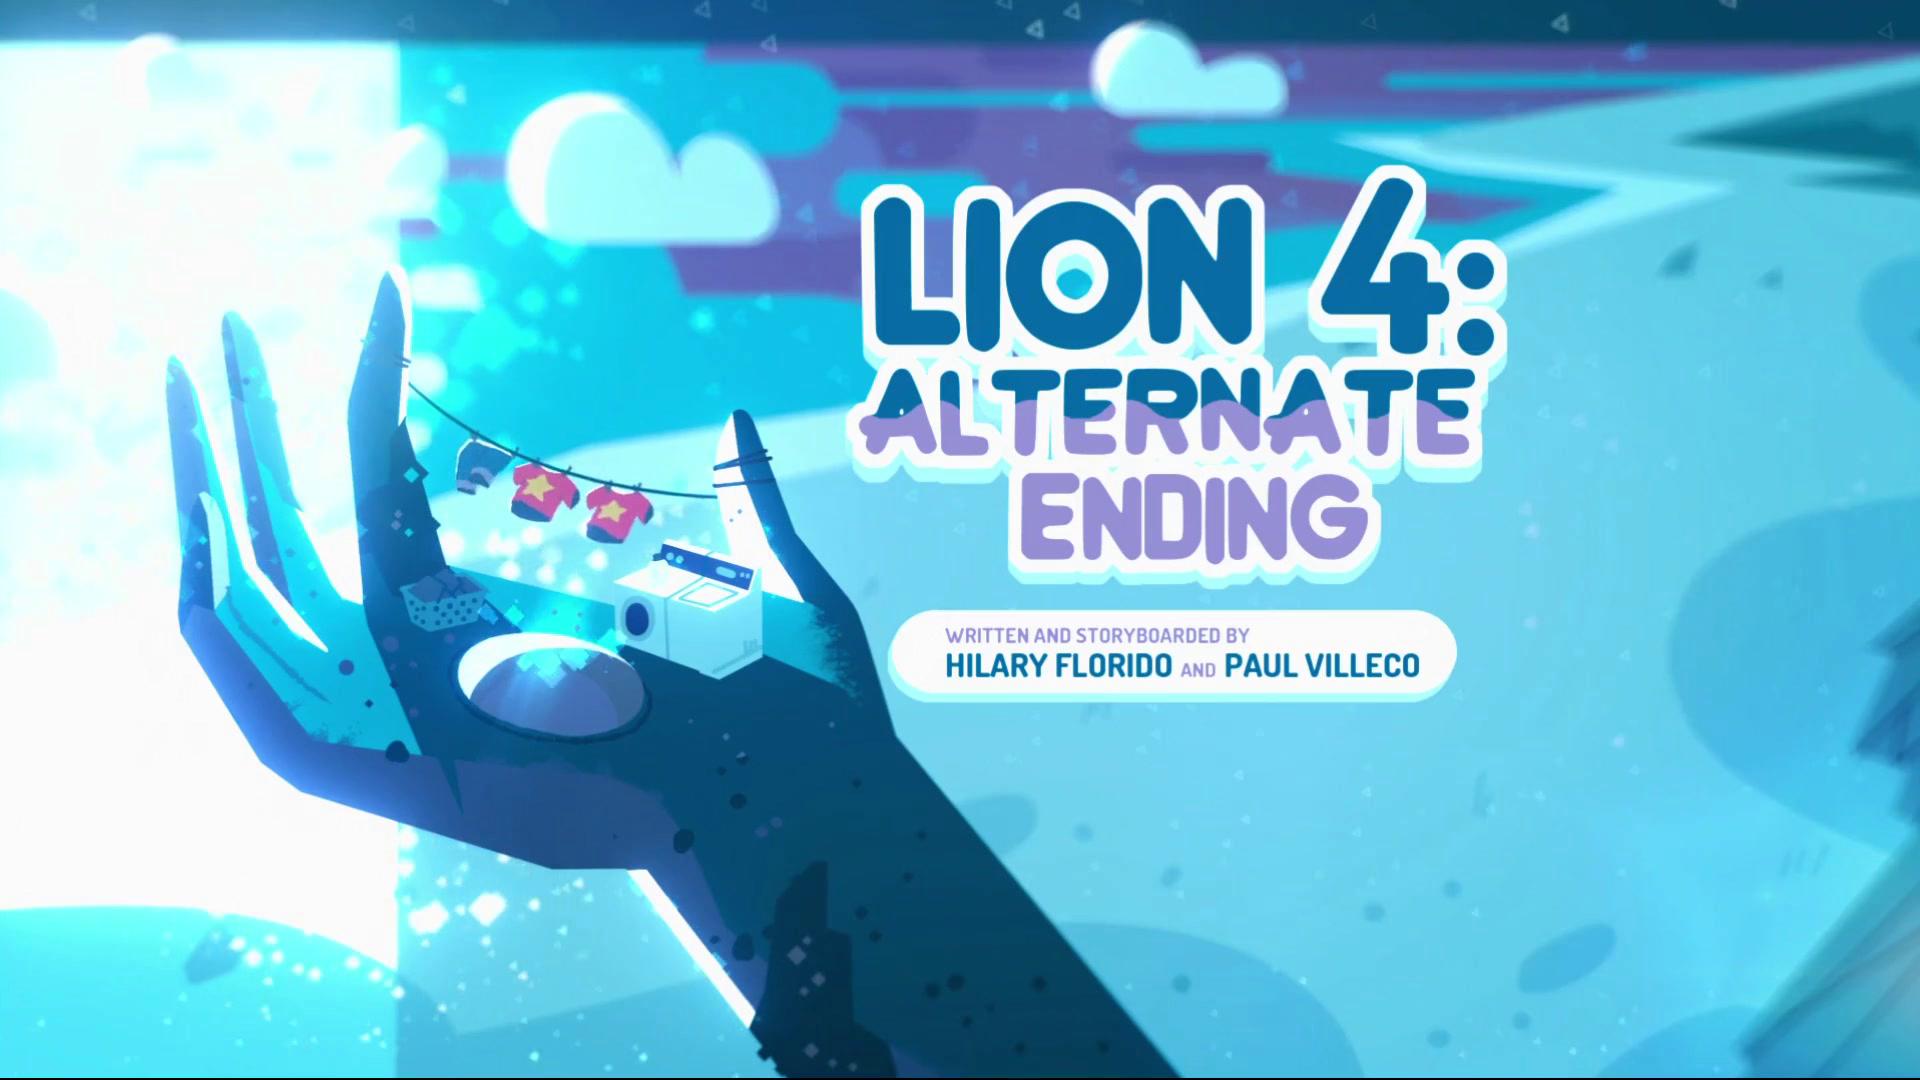 Lion 4: Alternate Ending/Gallery